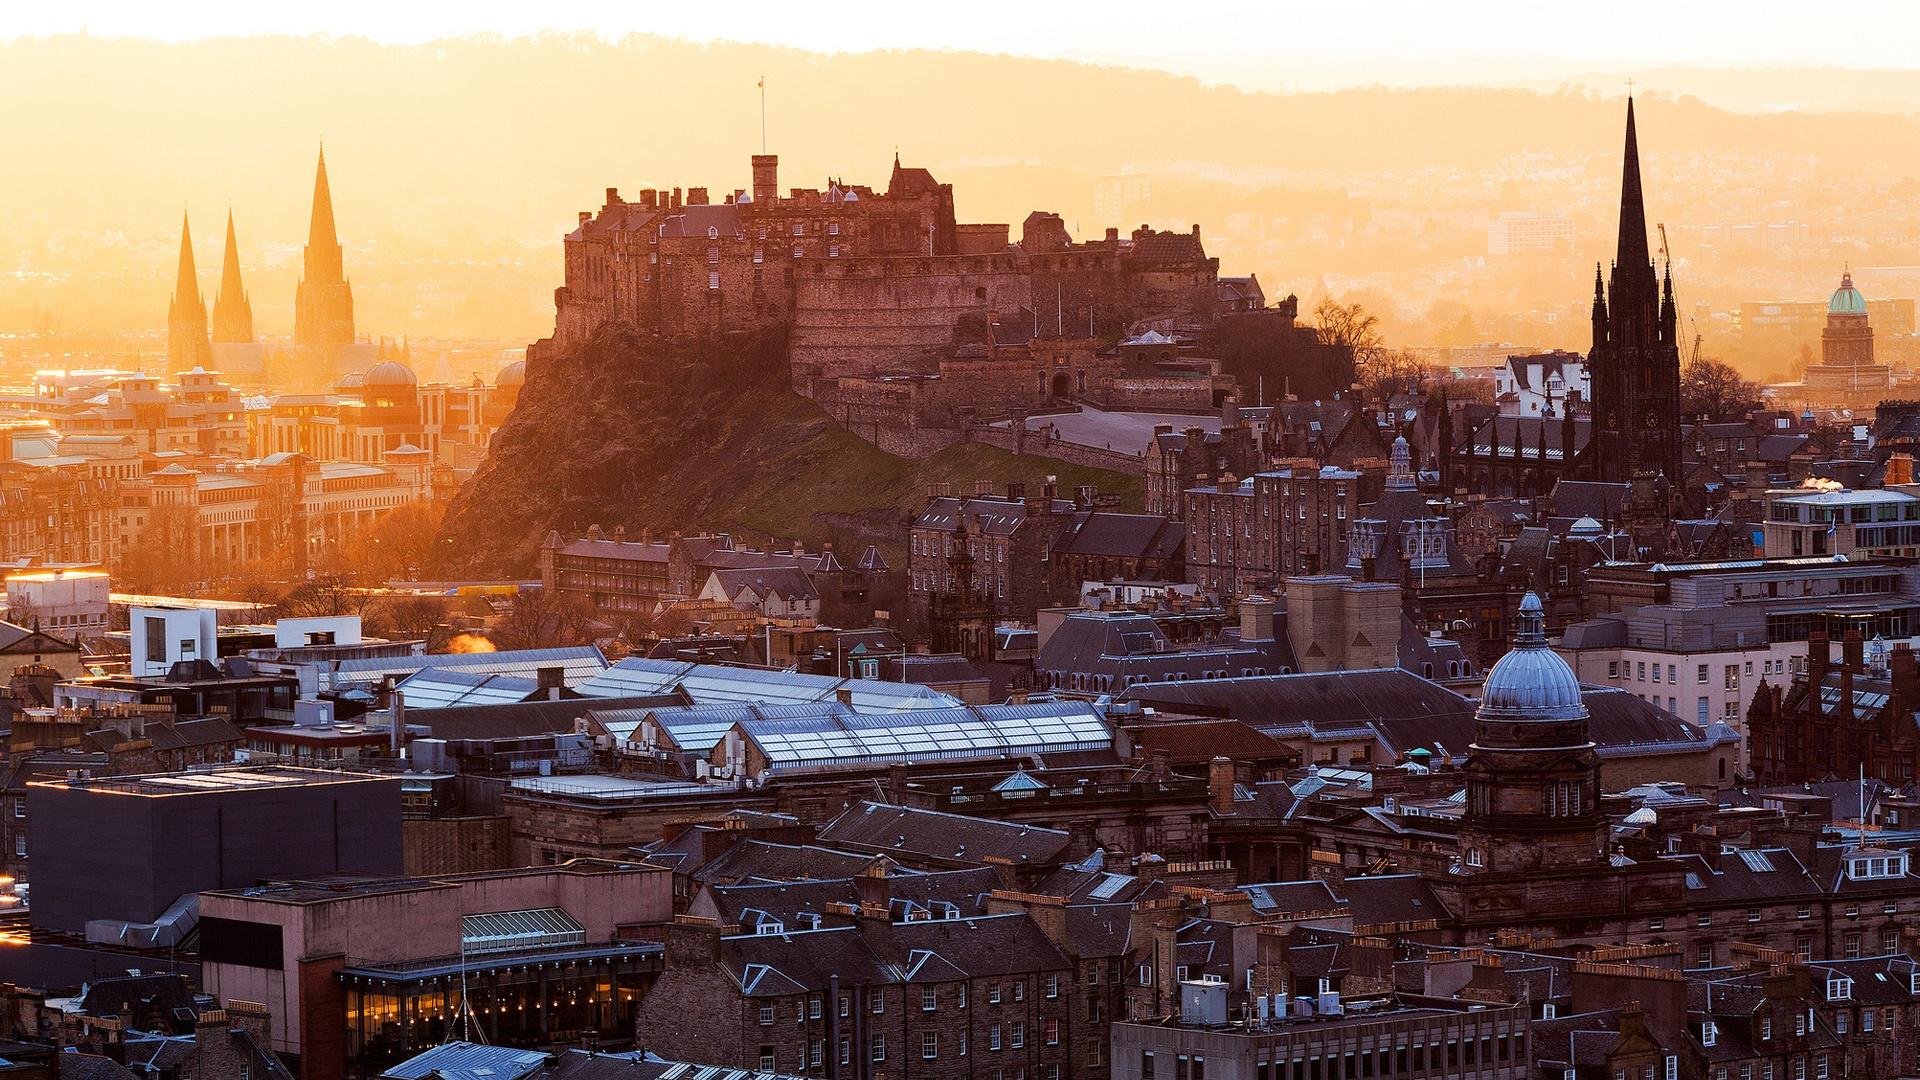 Обои Шотландия, эдинбург, маяк. Пейзажи foto 8